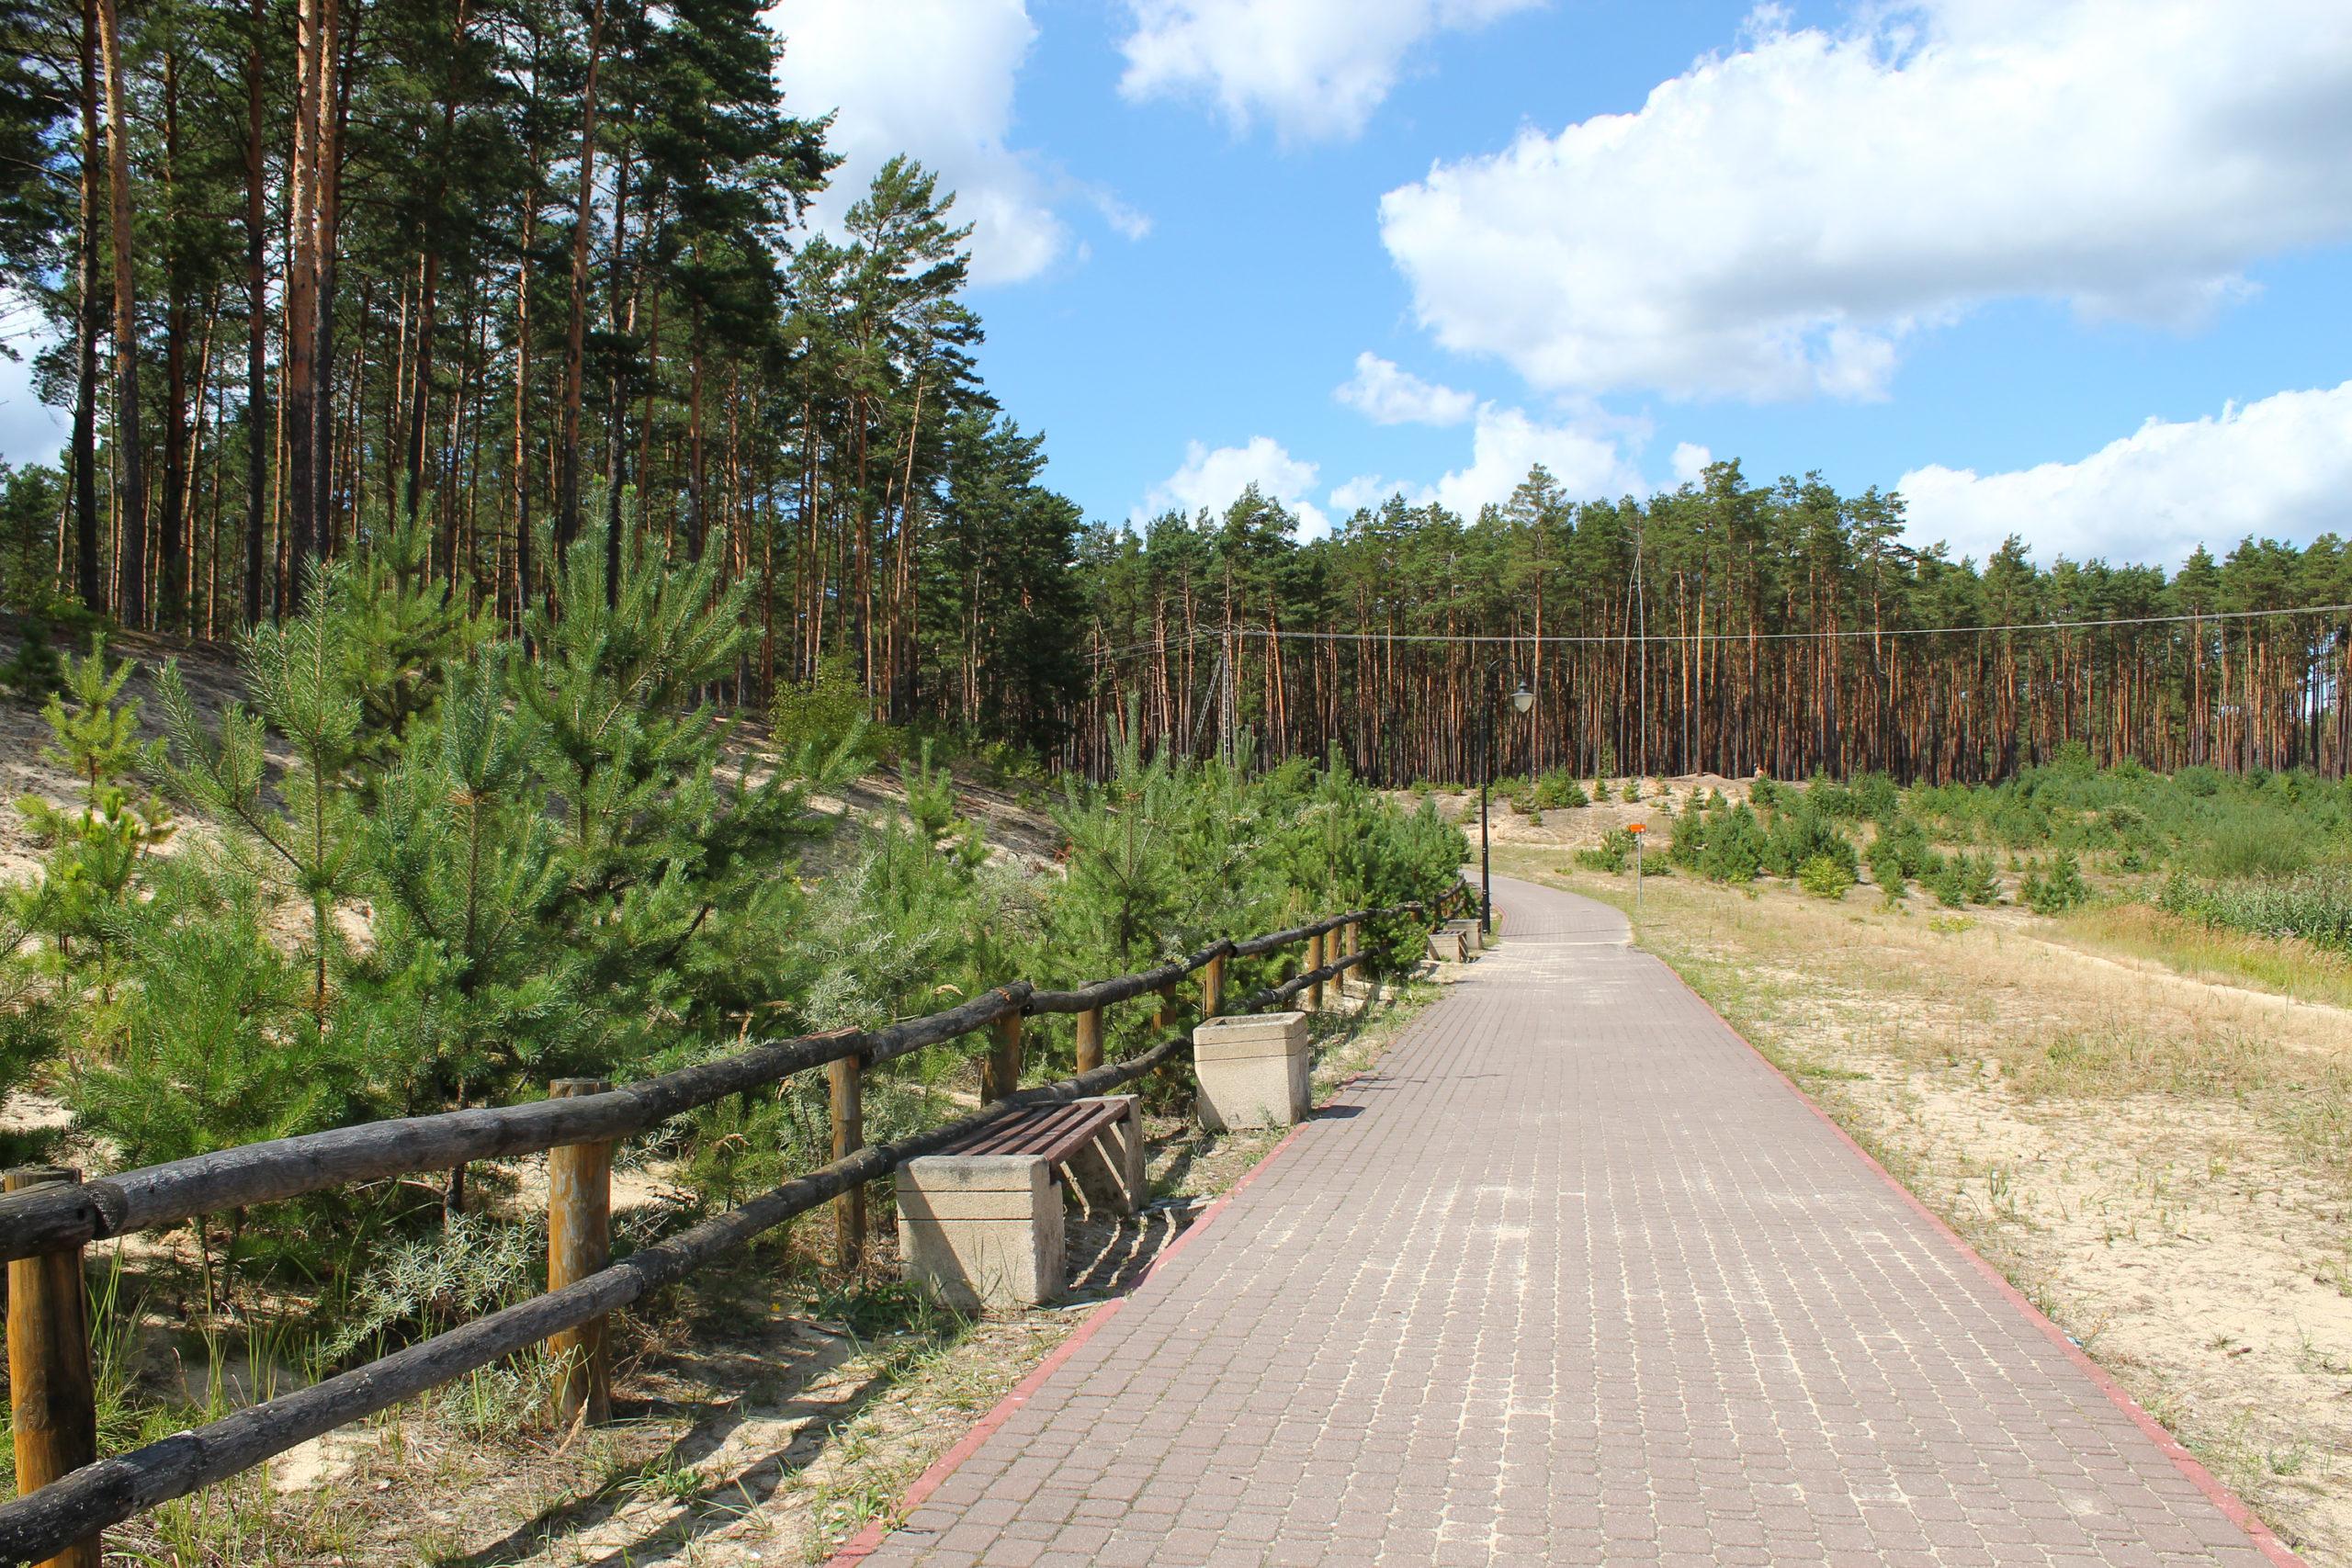 Chodnik przy lesie